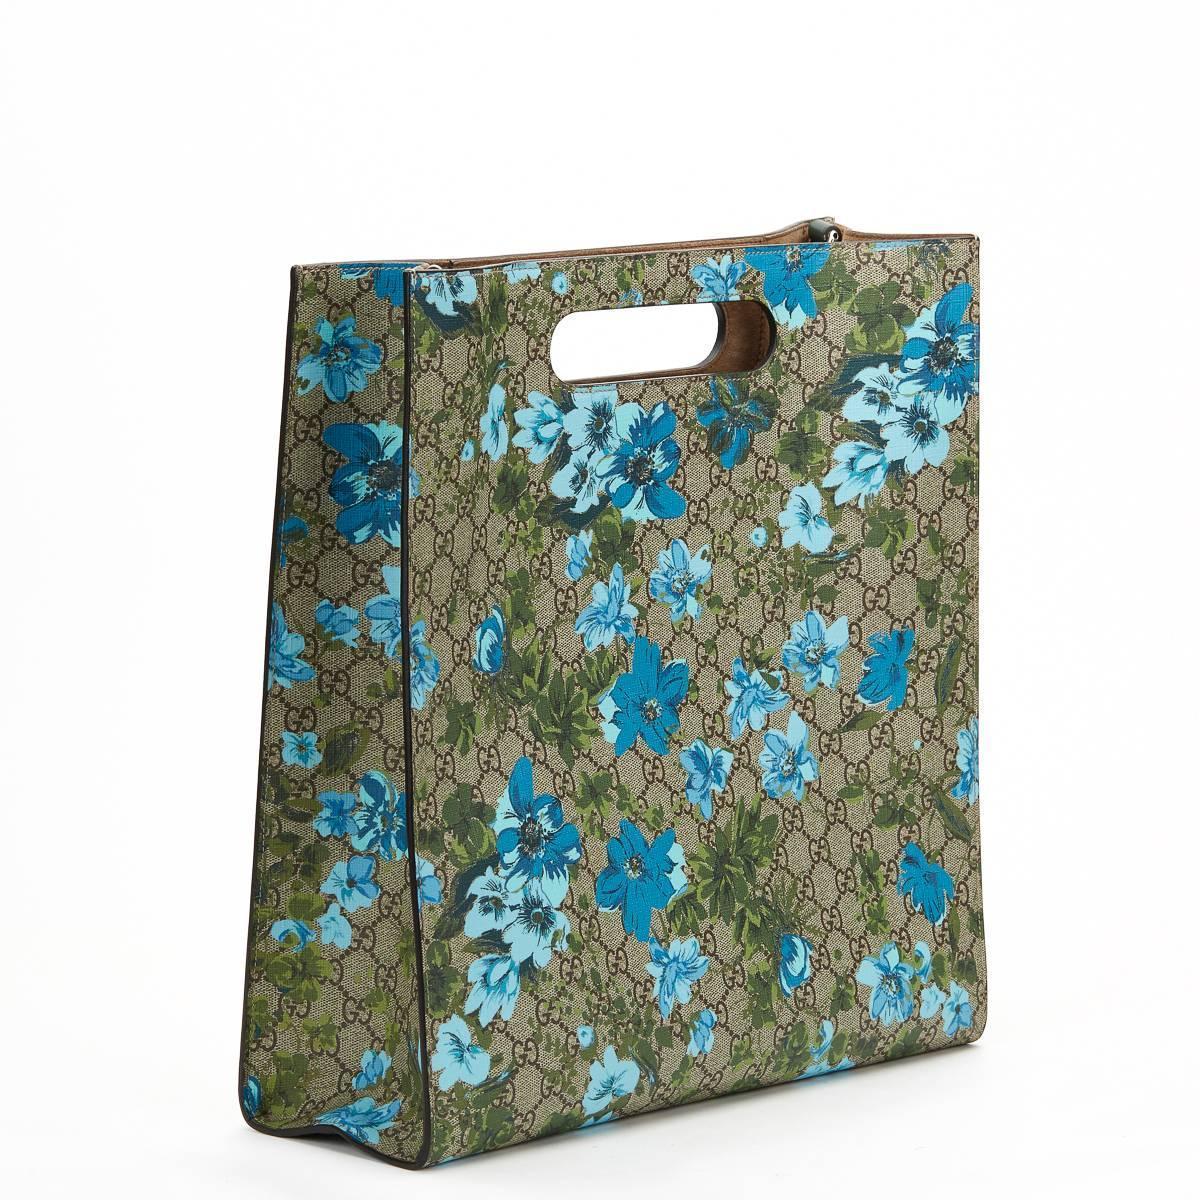 2016 Gucci GG Supreme Canvas XL Floral Print Tote For Sale ...